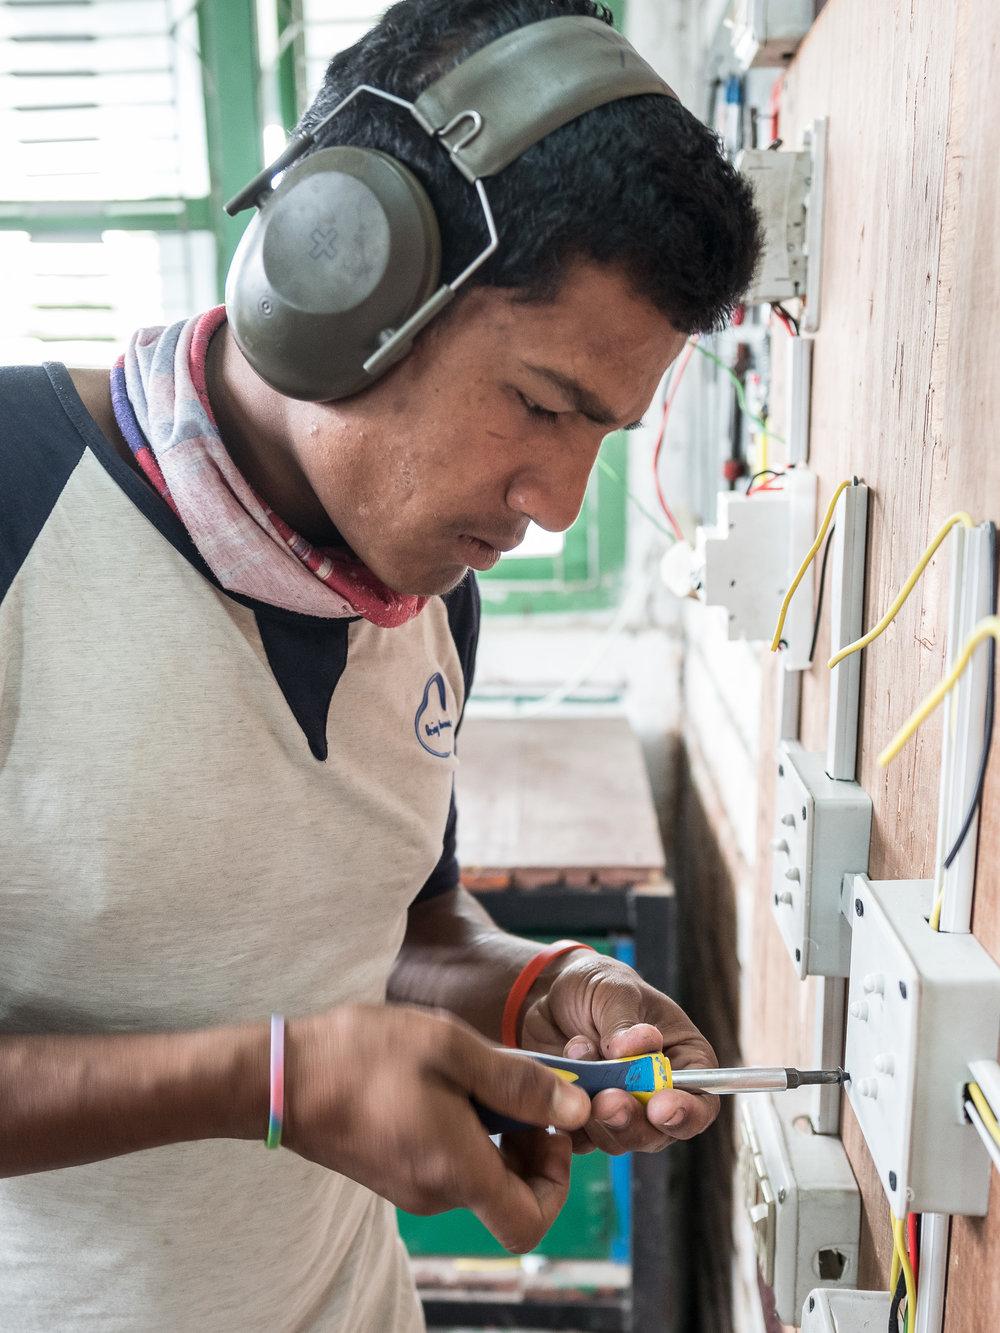 Unsere Strategie und Arbeitsweise - Wir verfolgen eine zweigleisige Strategie für Schutz, Förderung und Bildung von Kindern im Himalaya:1. Sozial-ökonomisch ausgegrenzte Kinder, wie Strassenkinder, Kinder von Arbeitsmigranten, verlassene und vernachlässigte Kinder, erhalten ganzheitliche Versorgung.2. Kindern aus allen sozial-ökonomischen Schichten werden durch Erlebnispädagogik und Sportprogramme in Schulen und Quartieren umfassend gefördert.In allen Projekten von Himalayan Life wollen wir christliche Werte umsetzen, indem wir// zu nachhaltiger Transformation beitragen// unermüdlich und umfassend für die uns anvertrauten Kinder sorgen// lokale Mitarbeitende fördern und ausbilden// allen Menschen wertschätzend begegnen// engagiert und motiviert arbeiten// zuverlässig und verantwortungsbewusst agieren// Ressourcen weise und zweckgebunden einsetzenMehr Infos über unsere Ziele